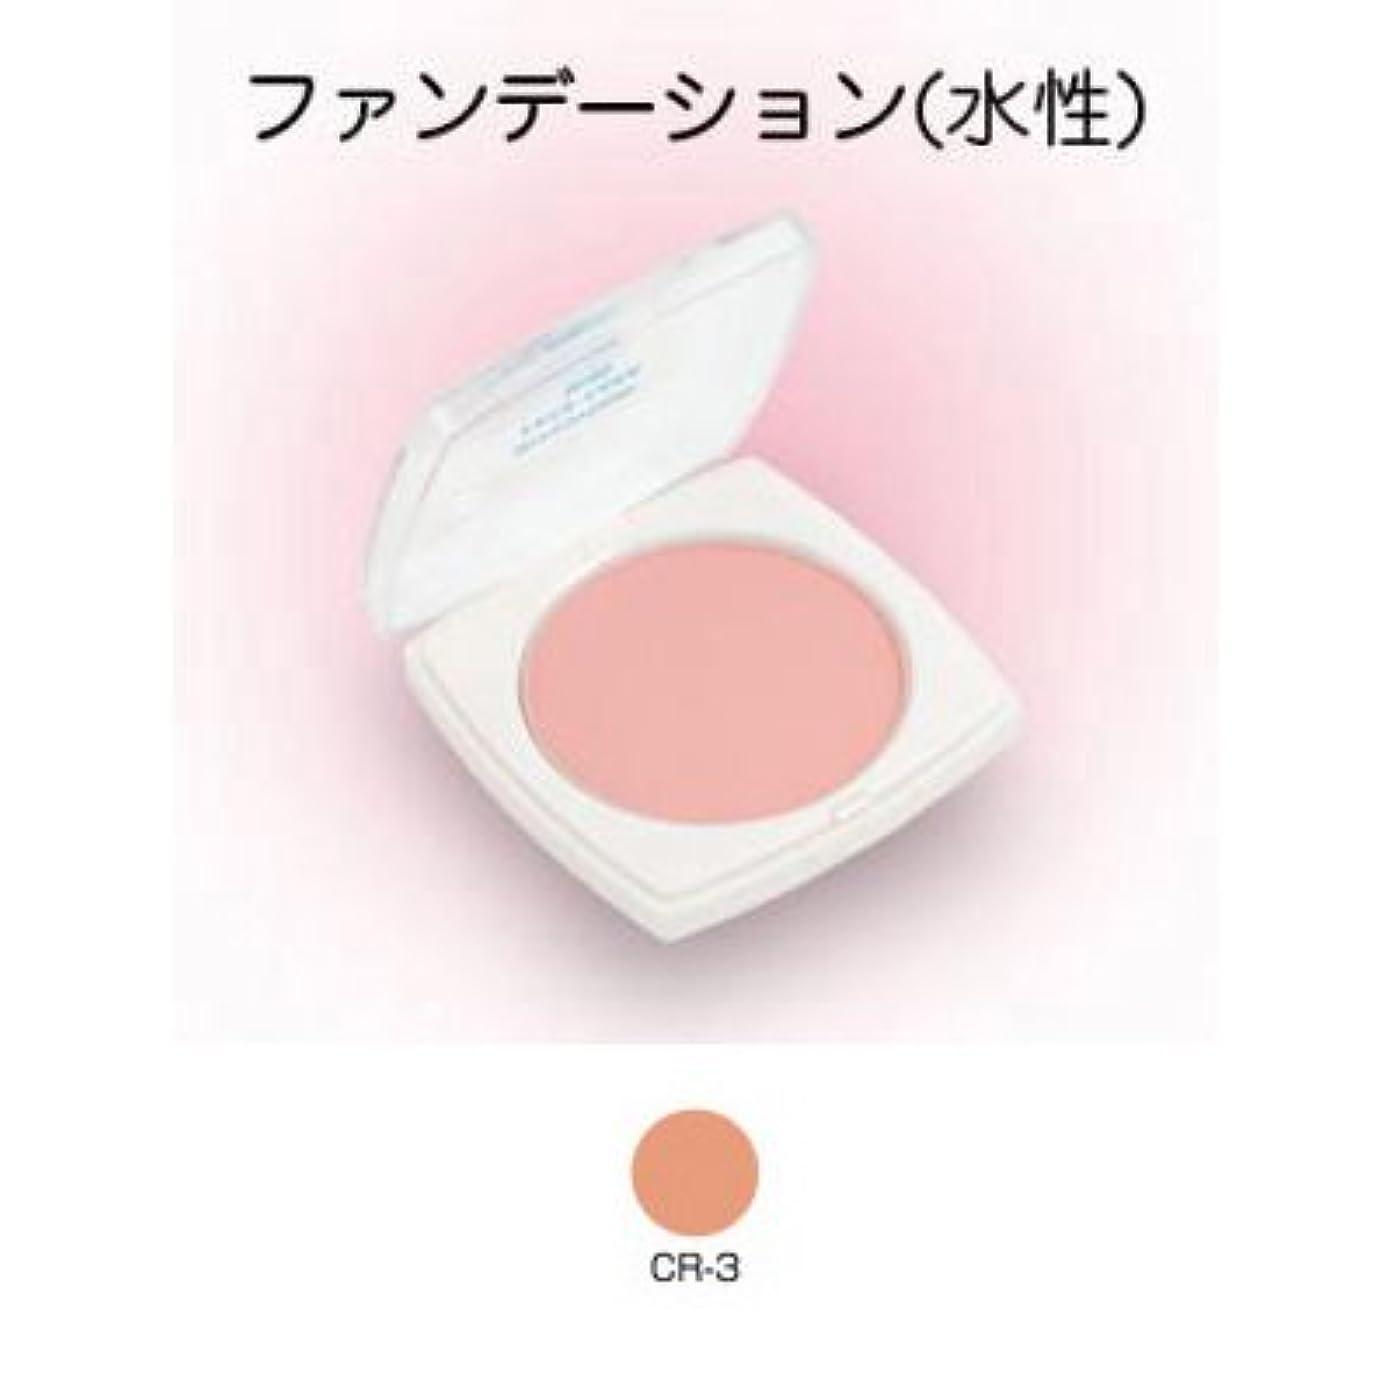 平等ハイライトキャプチャーフェースケーキ ミニ 17g CR-3 【三善】